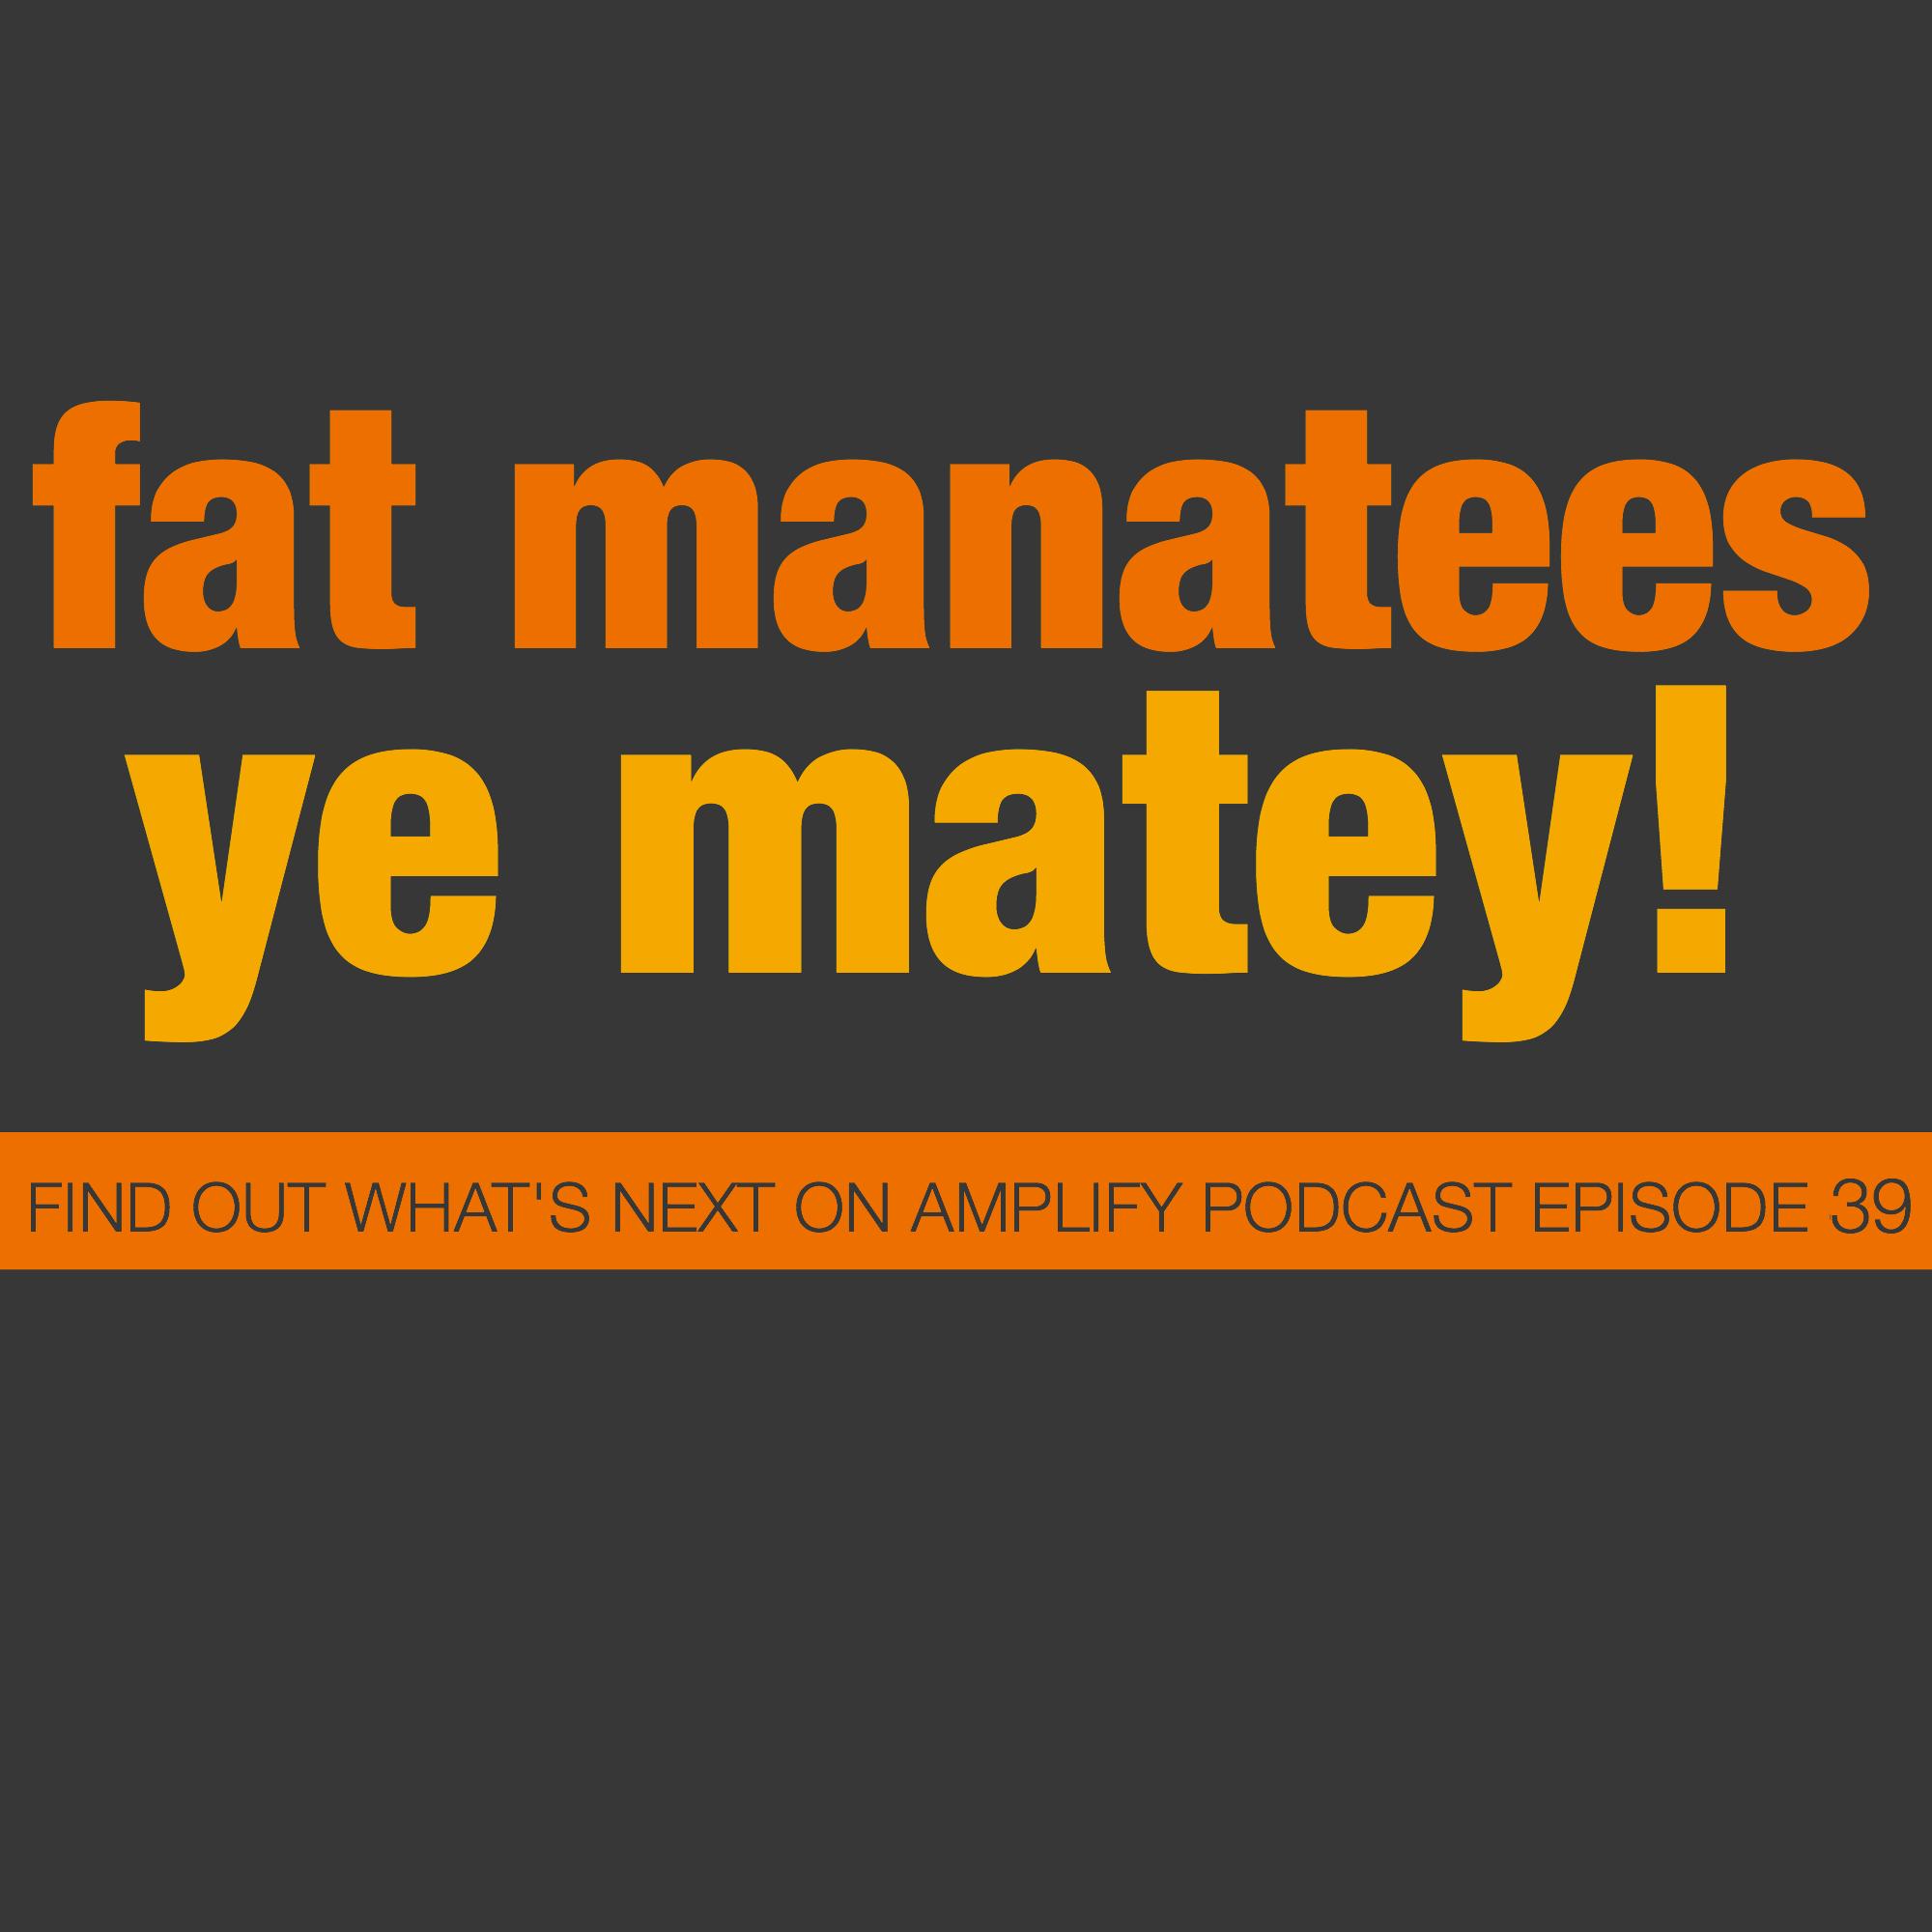 Fat Manatees, Ye Matey!